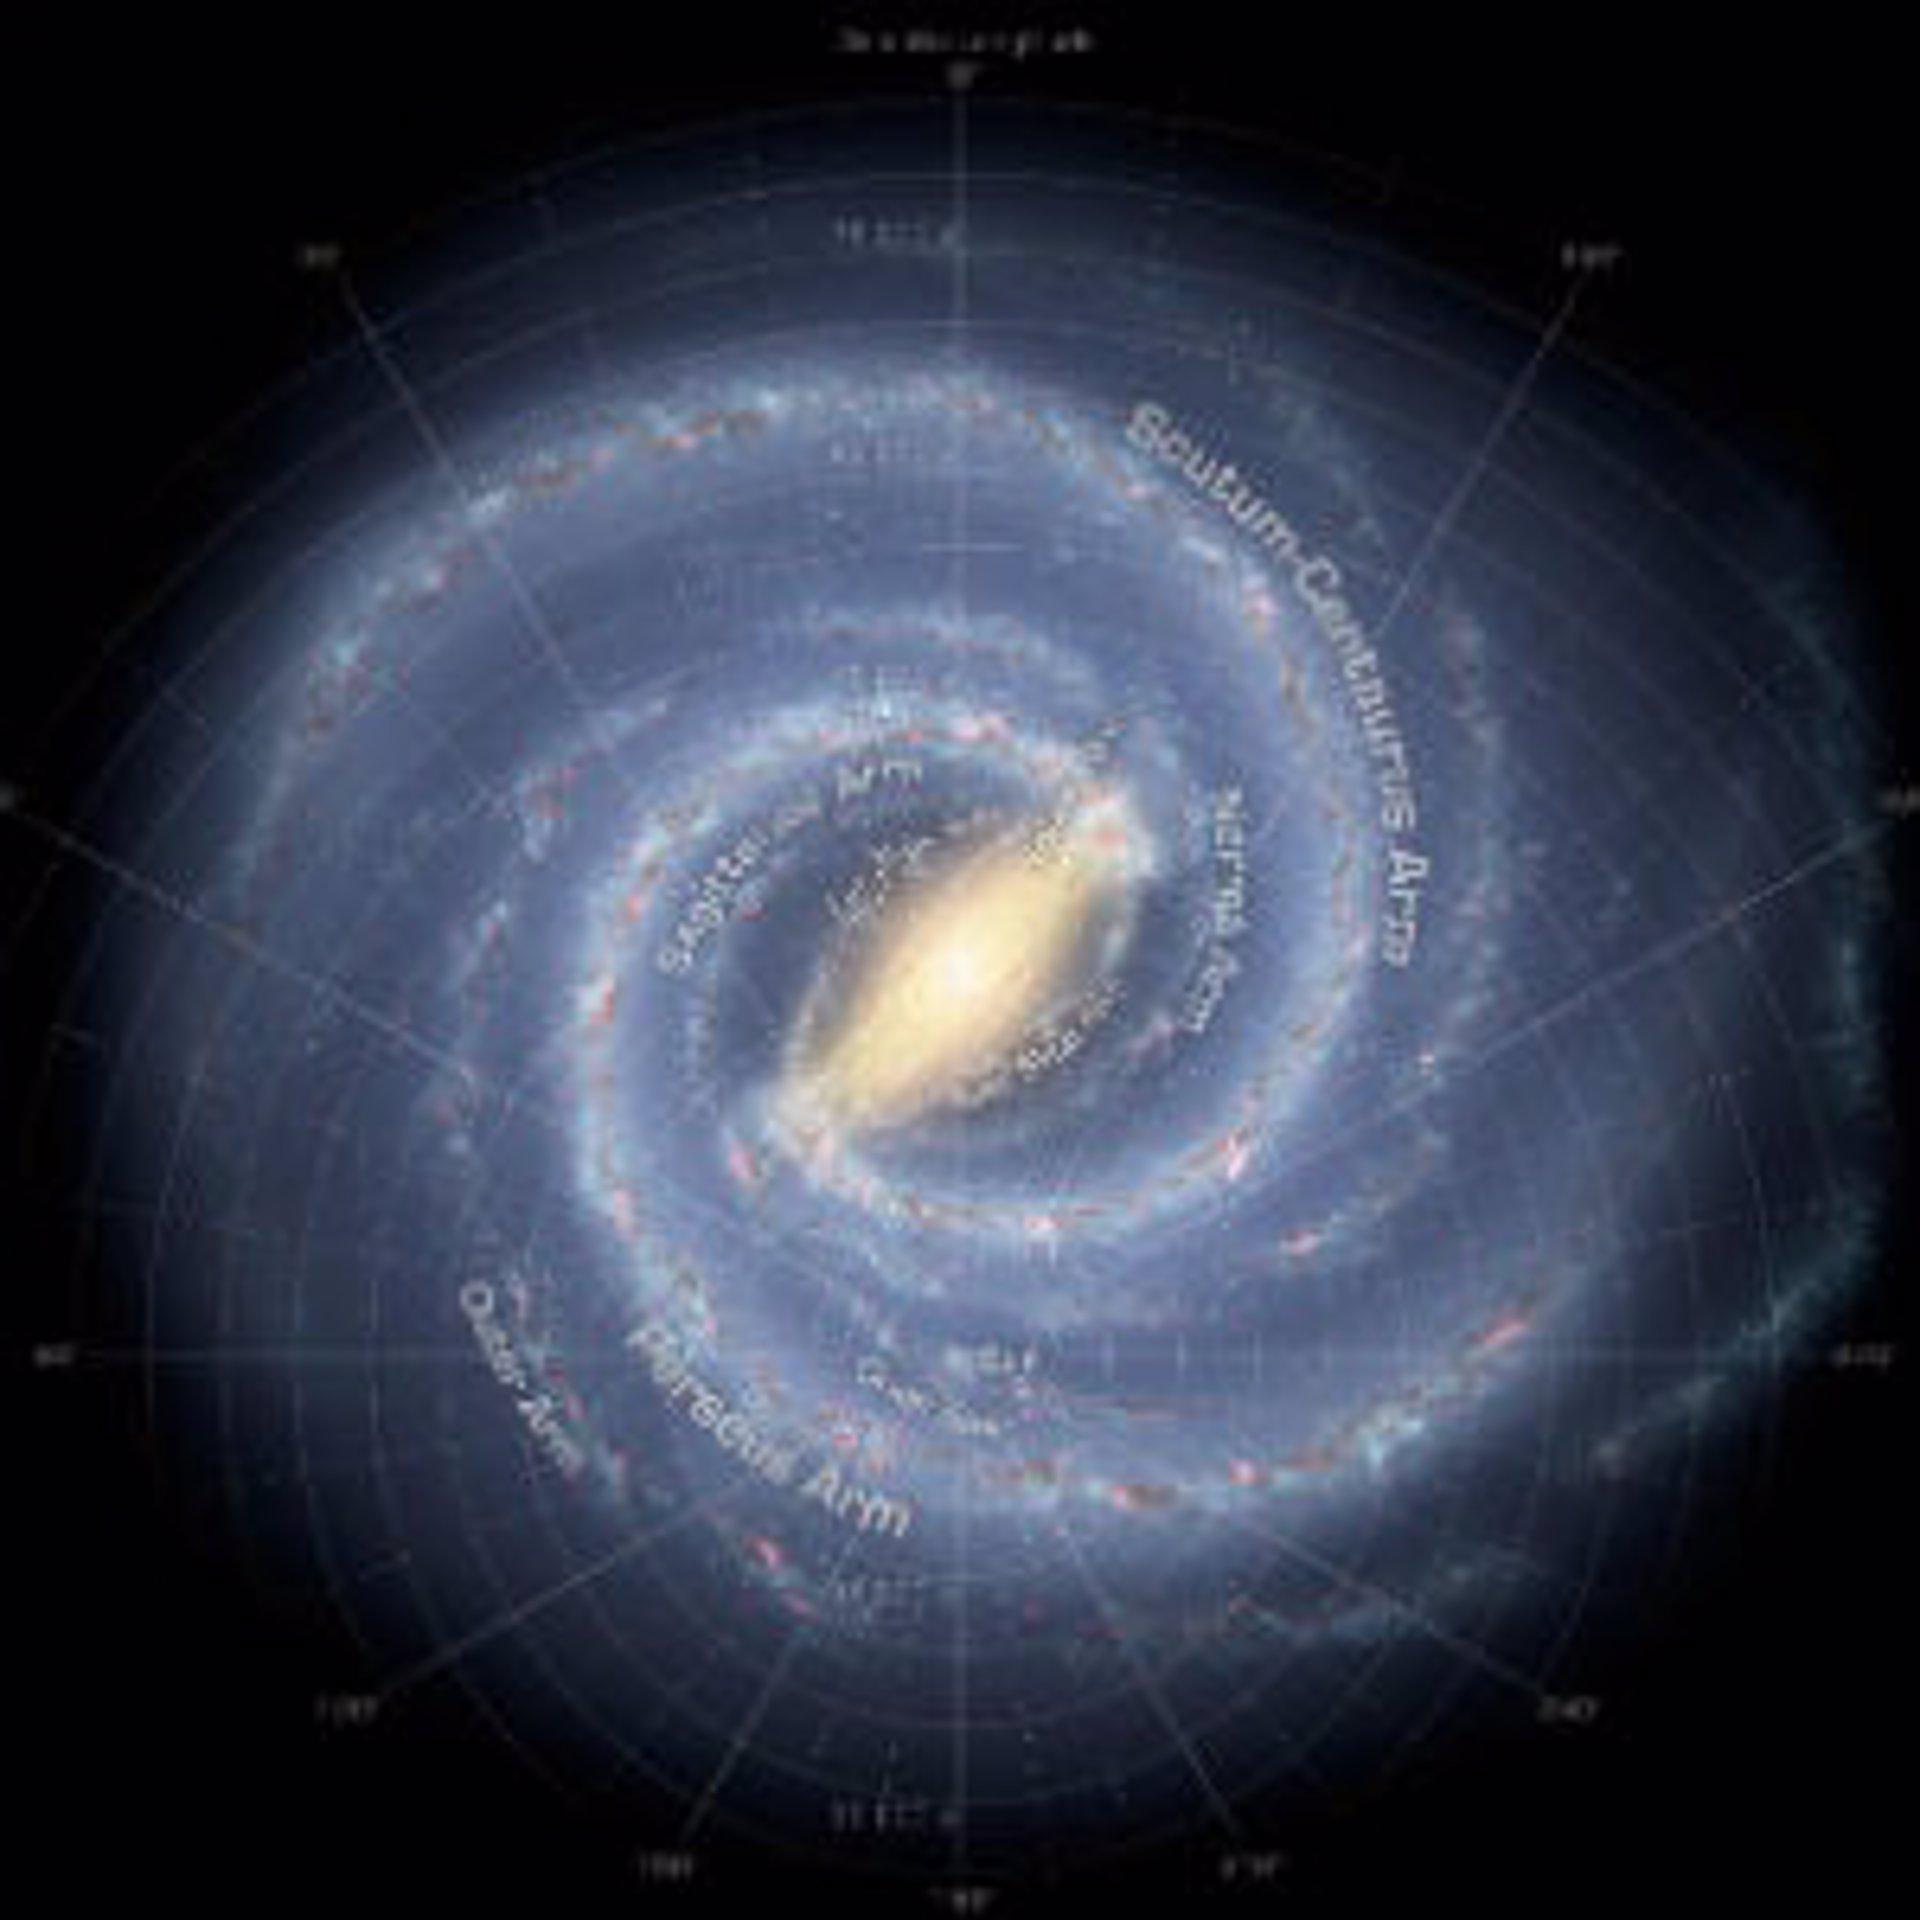 La Tierra se encuentra en un brazo principal de la Vía Láctea